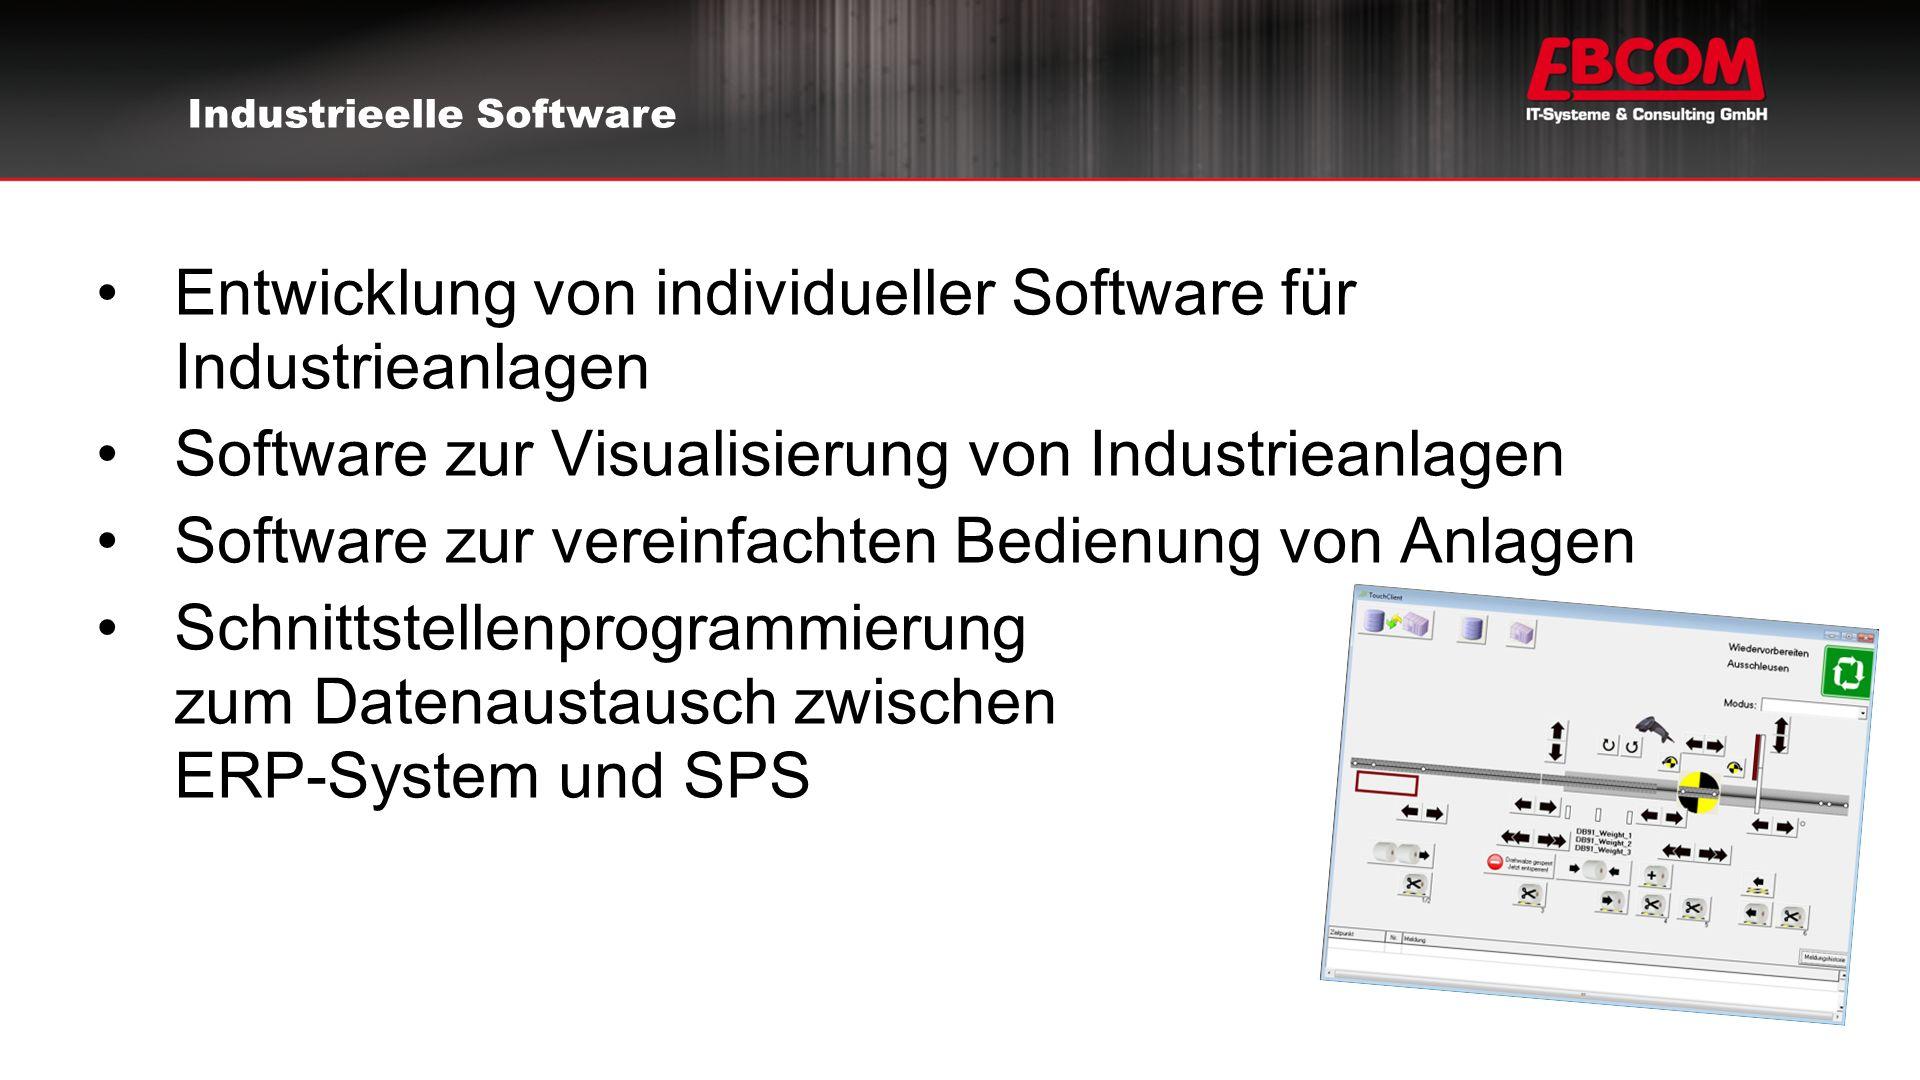 Entwicklung von individueller Software für Industrieanlagen Software zur Visualisierung von Industrieanlagen Software zur vereinfachten Bedienung von Anlagen Schnittstellenprogrammierung zum Datenaustausch zwischen ERP-System und SPS Industrieelle Software